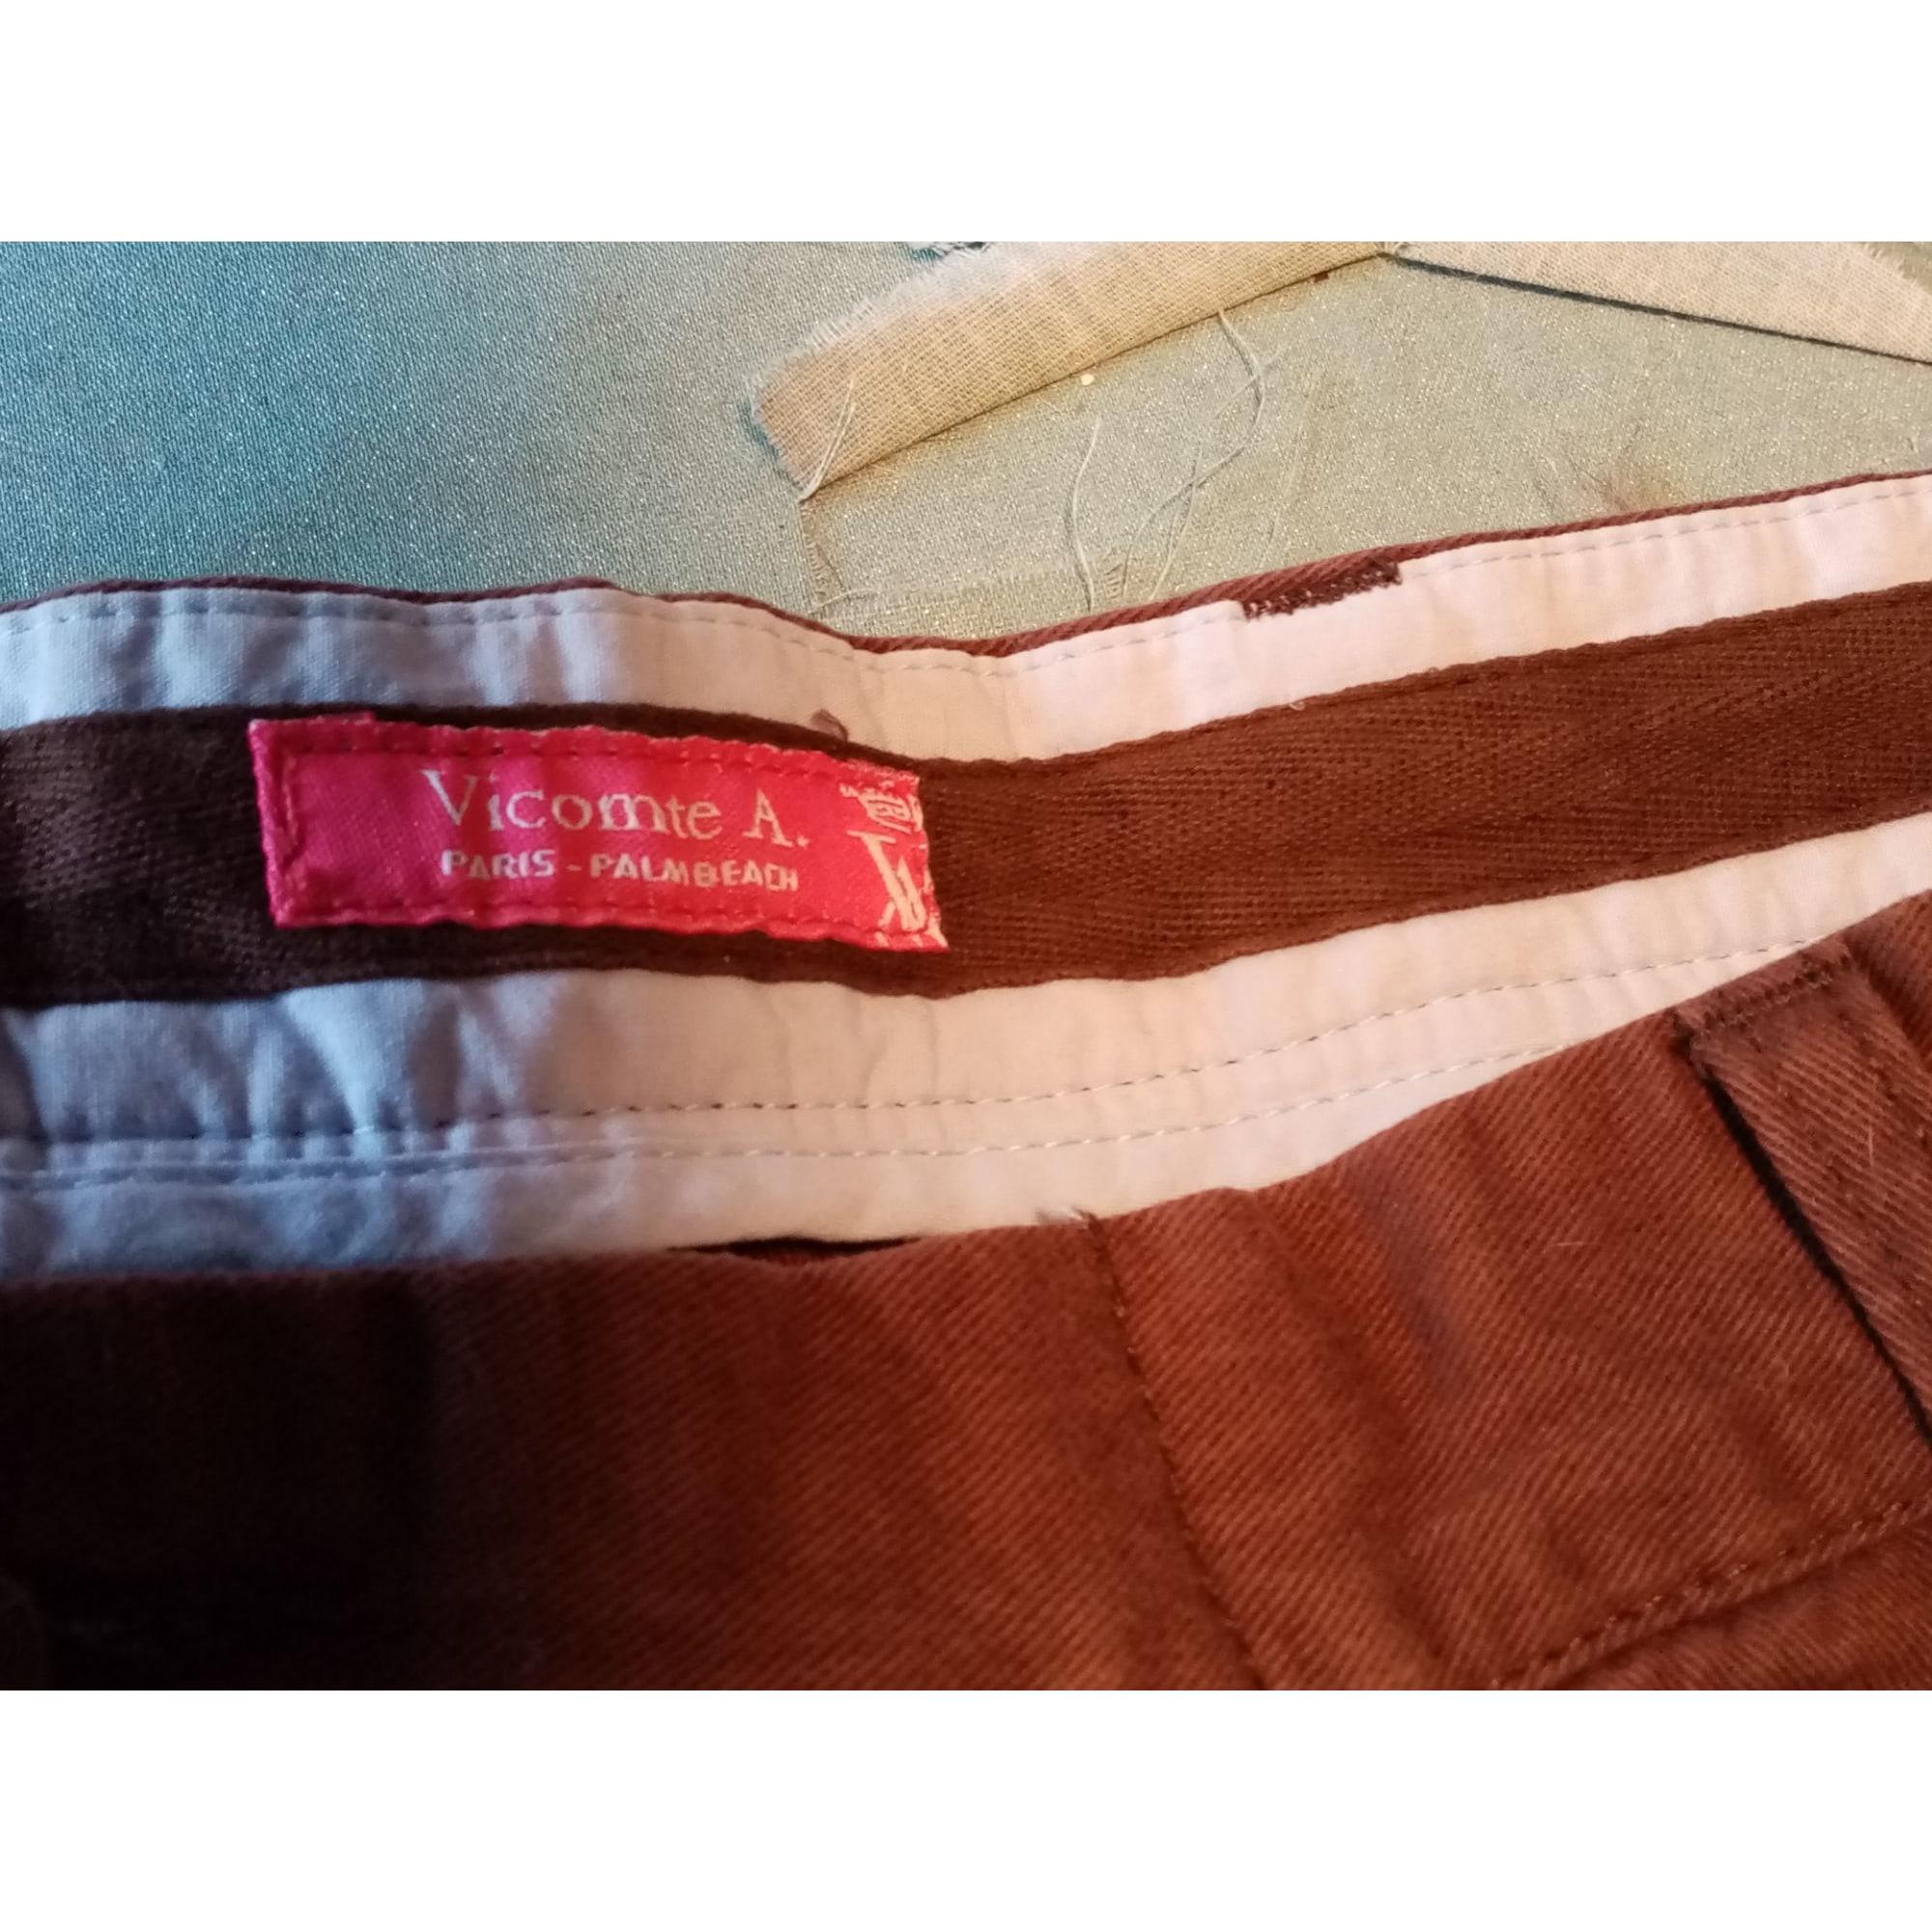 Pantalon droit VICOMTE A. Marron